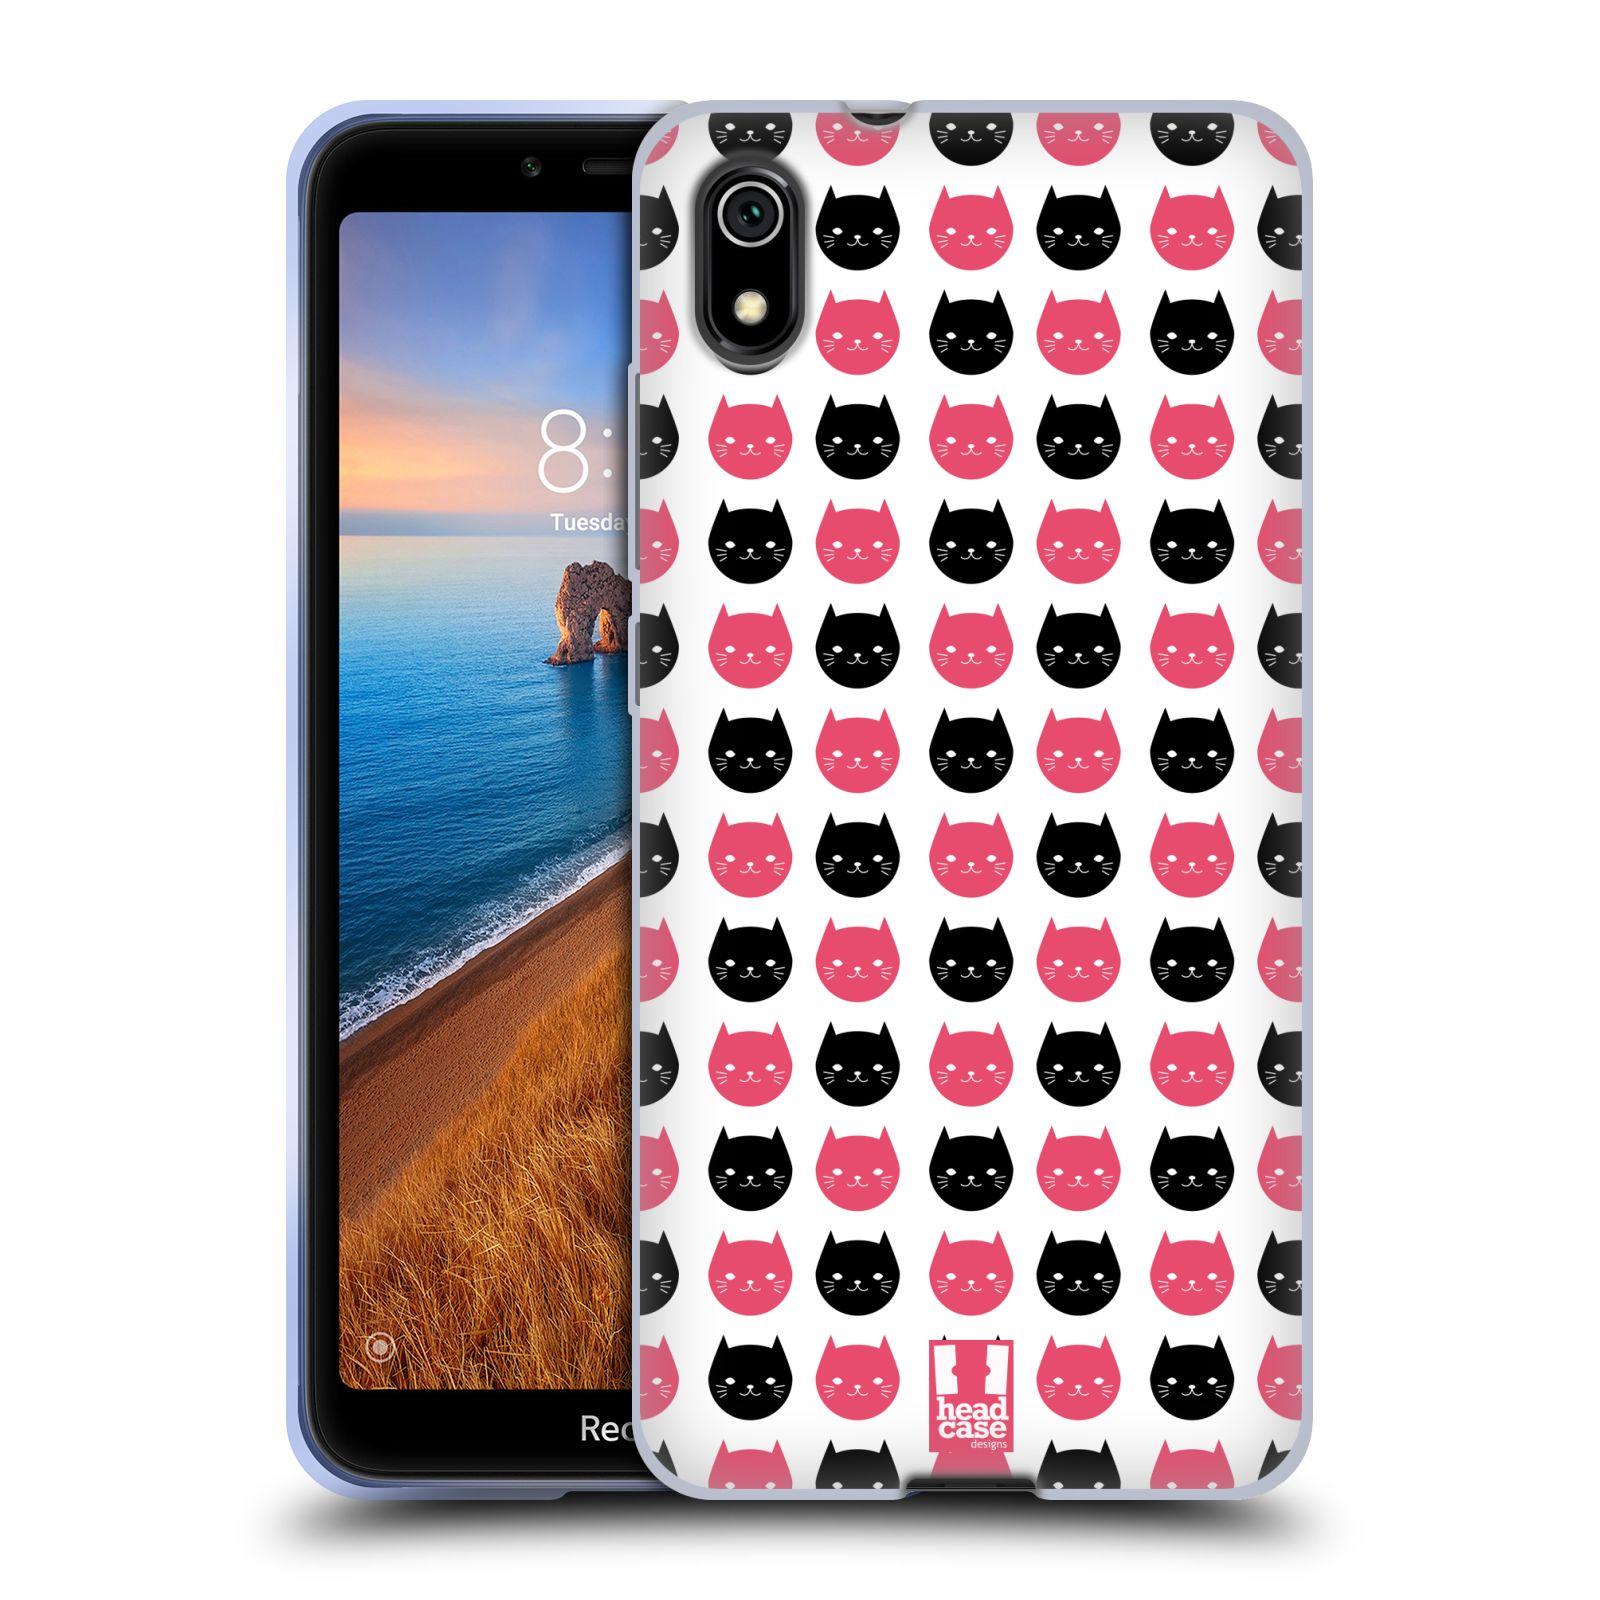 Silikonové pouzdro na mobil Redmi 7A - Head Case - KOČKY Black and Pink